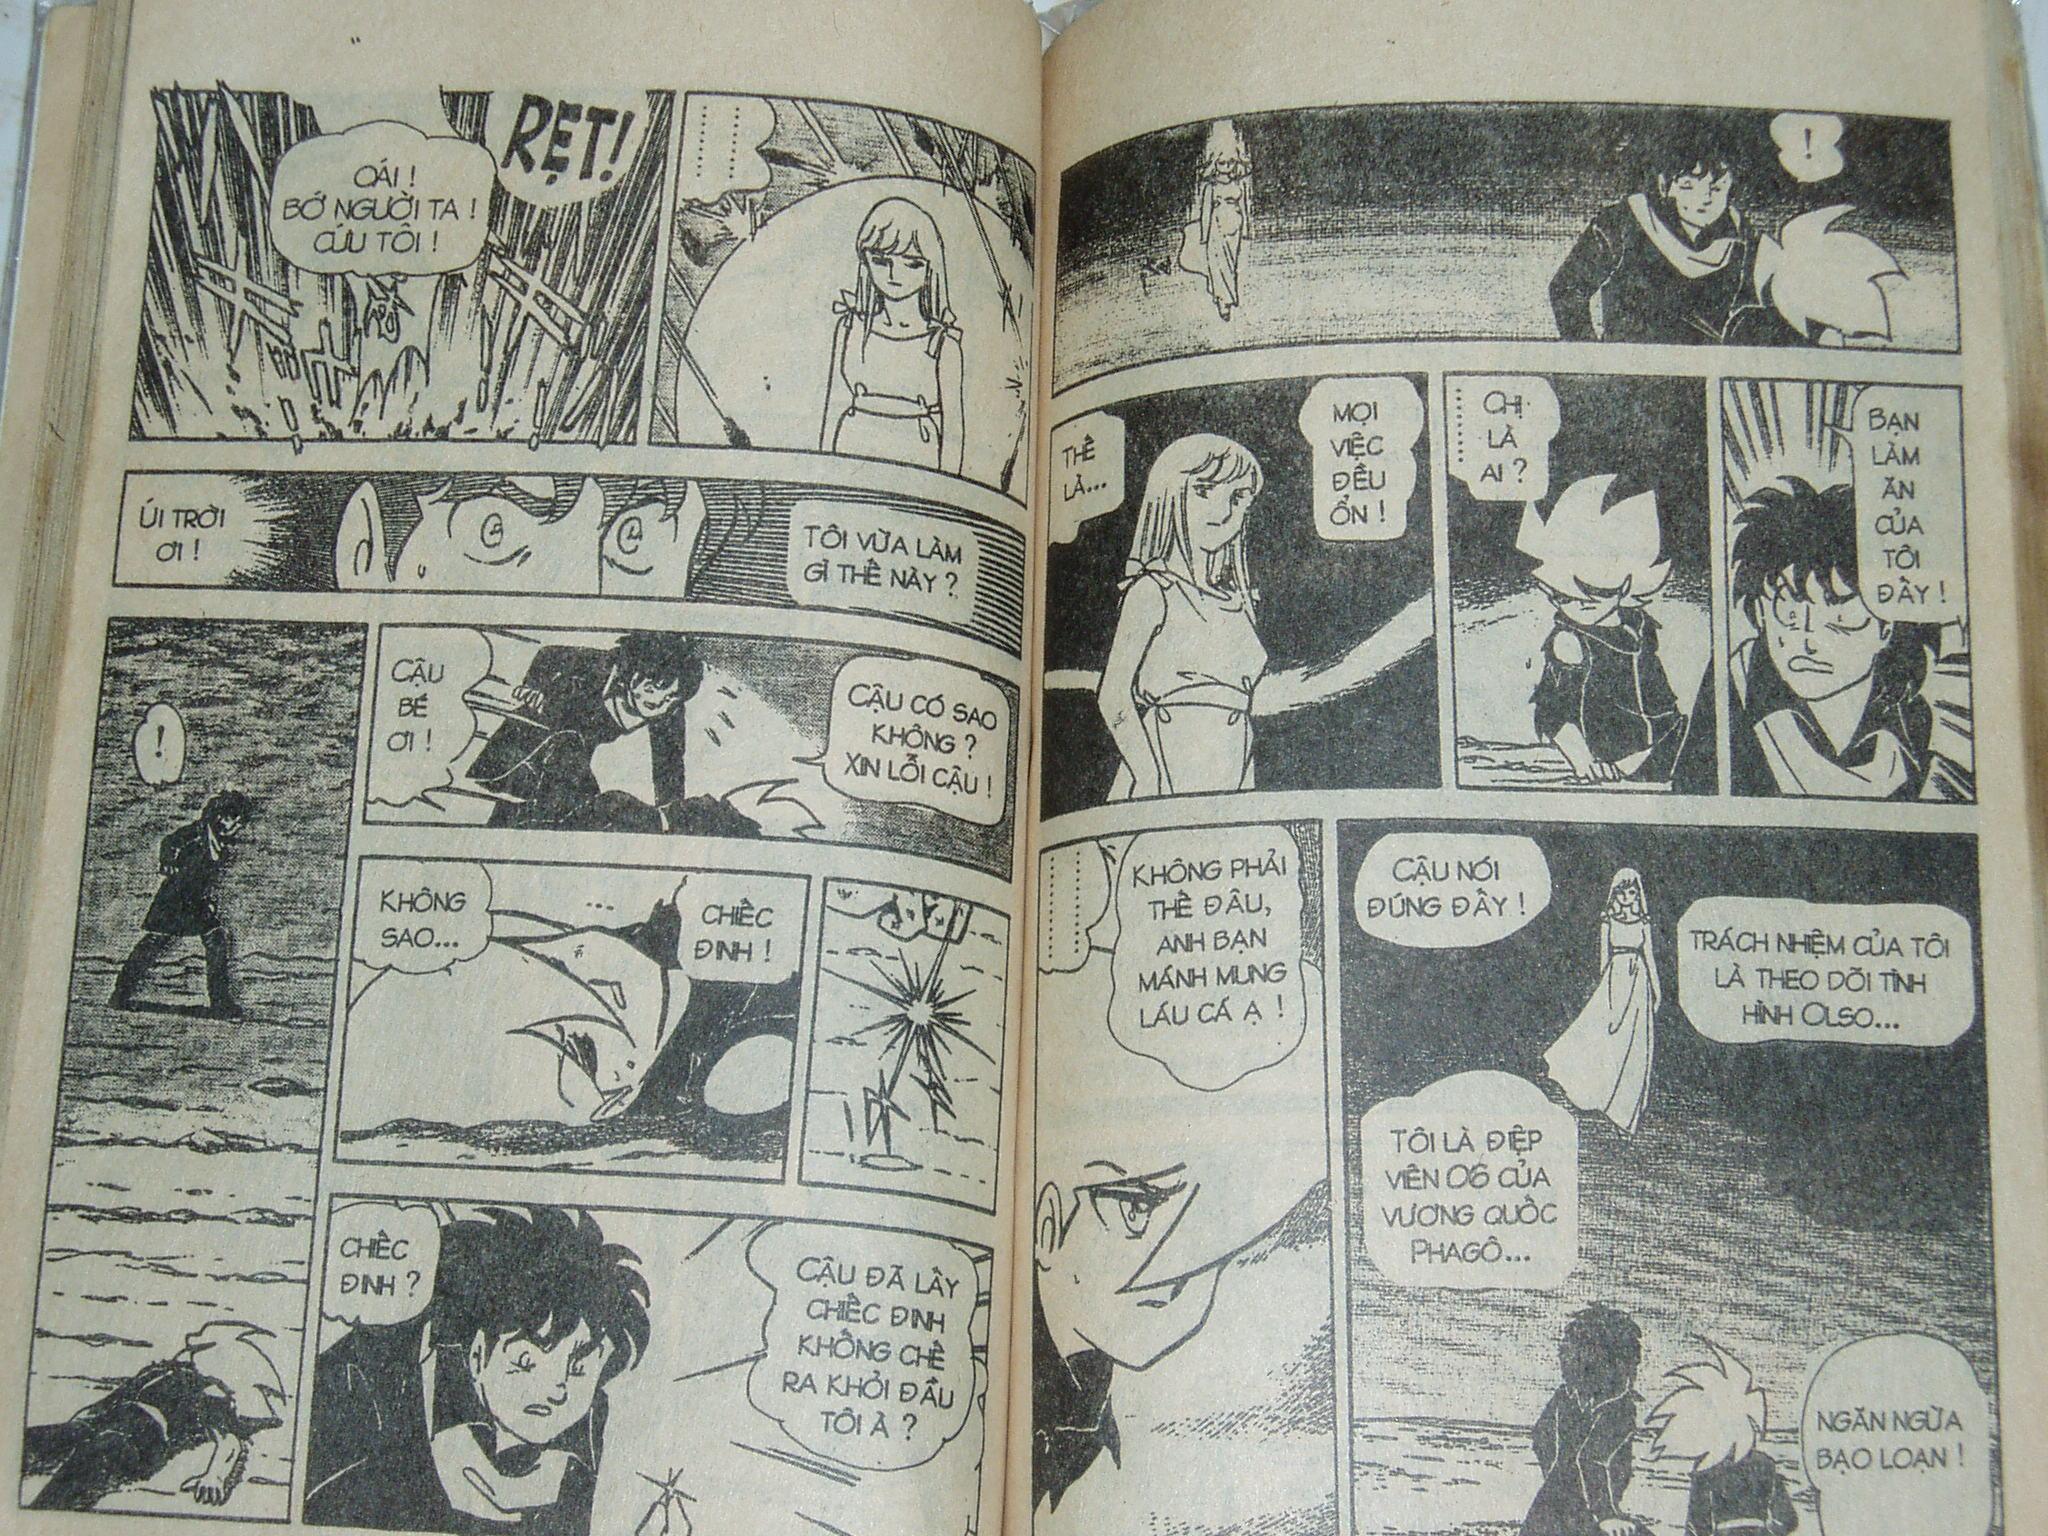 Siêu nhân Locke vol 18 trang 49